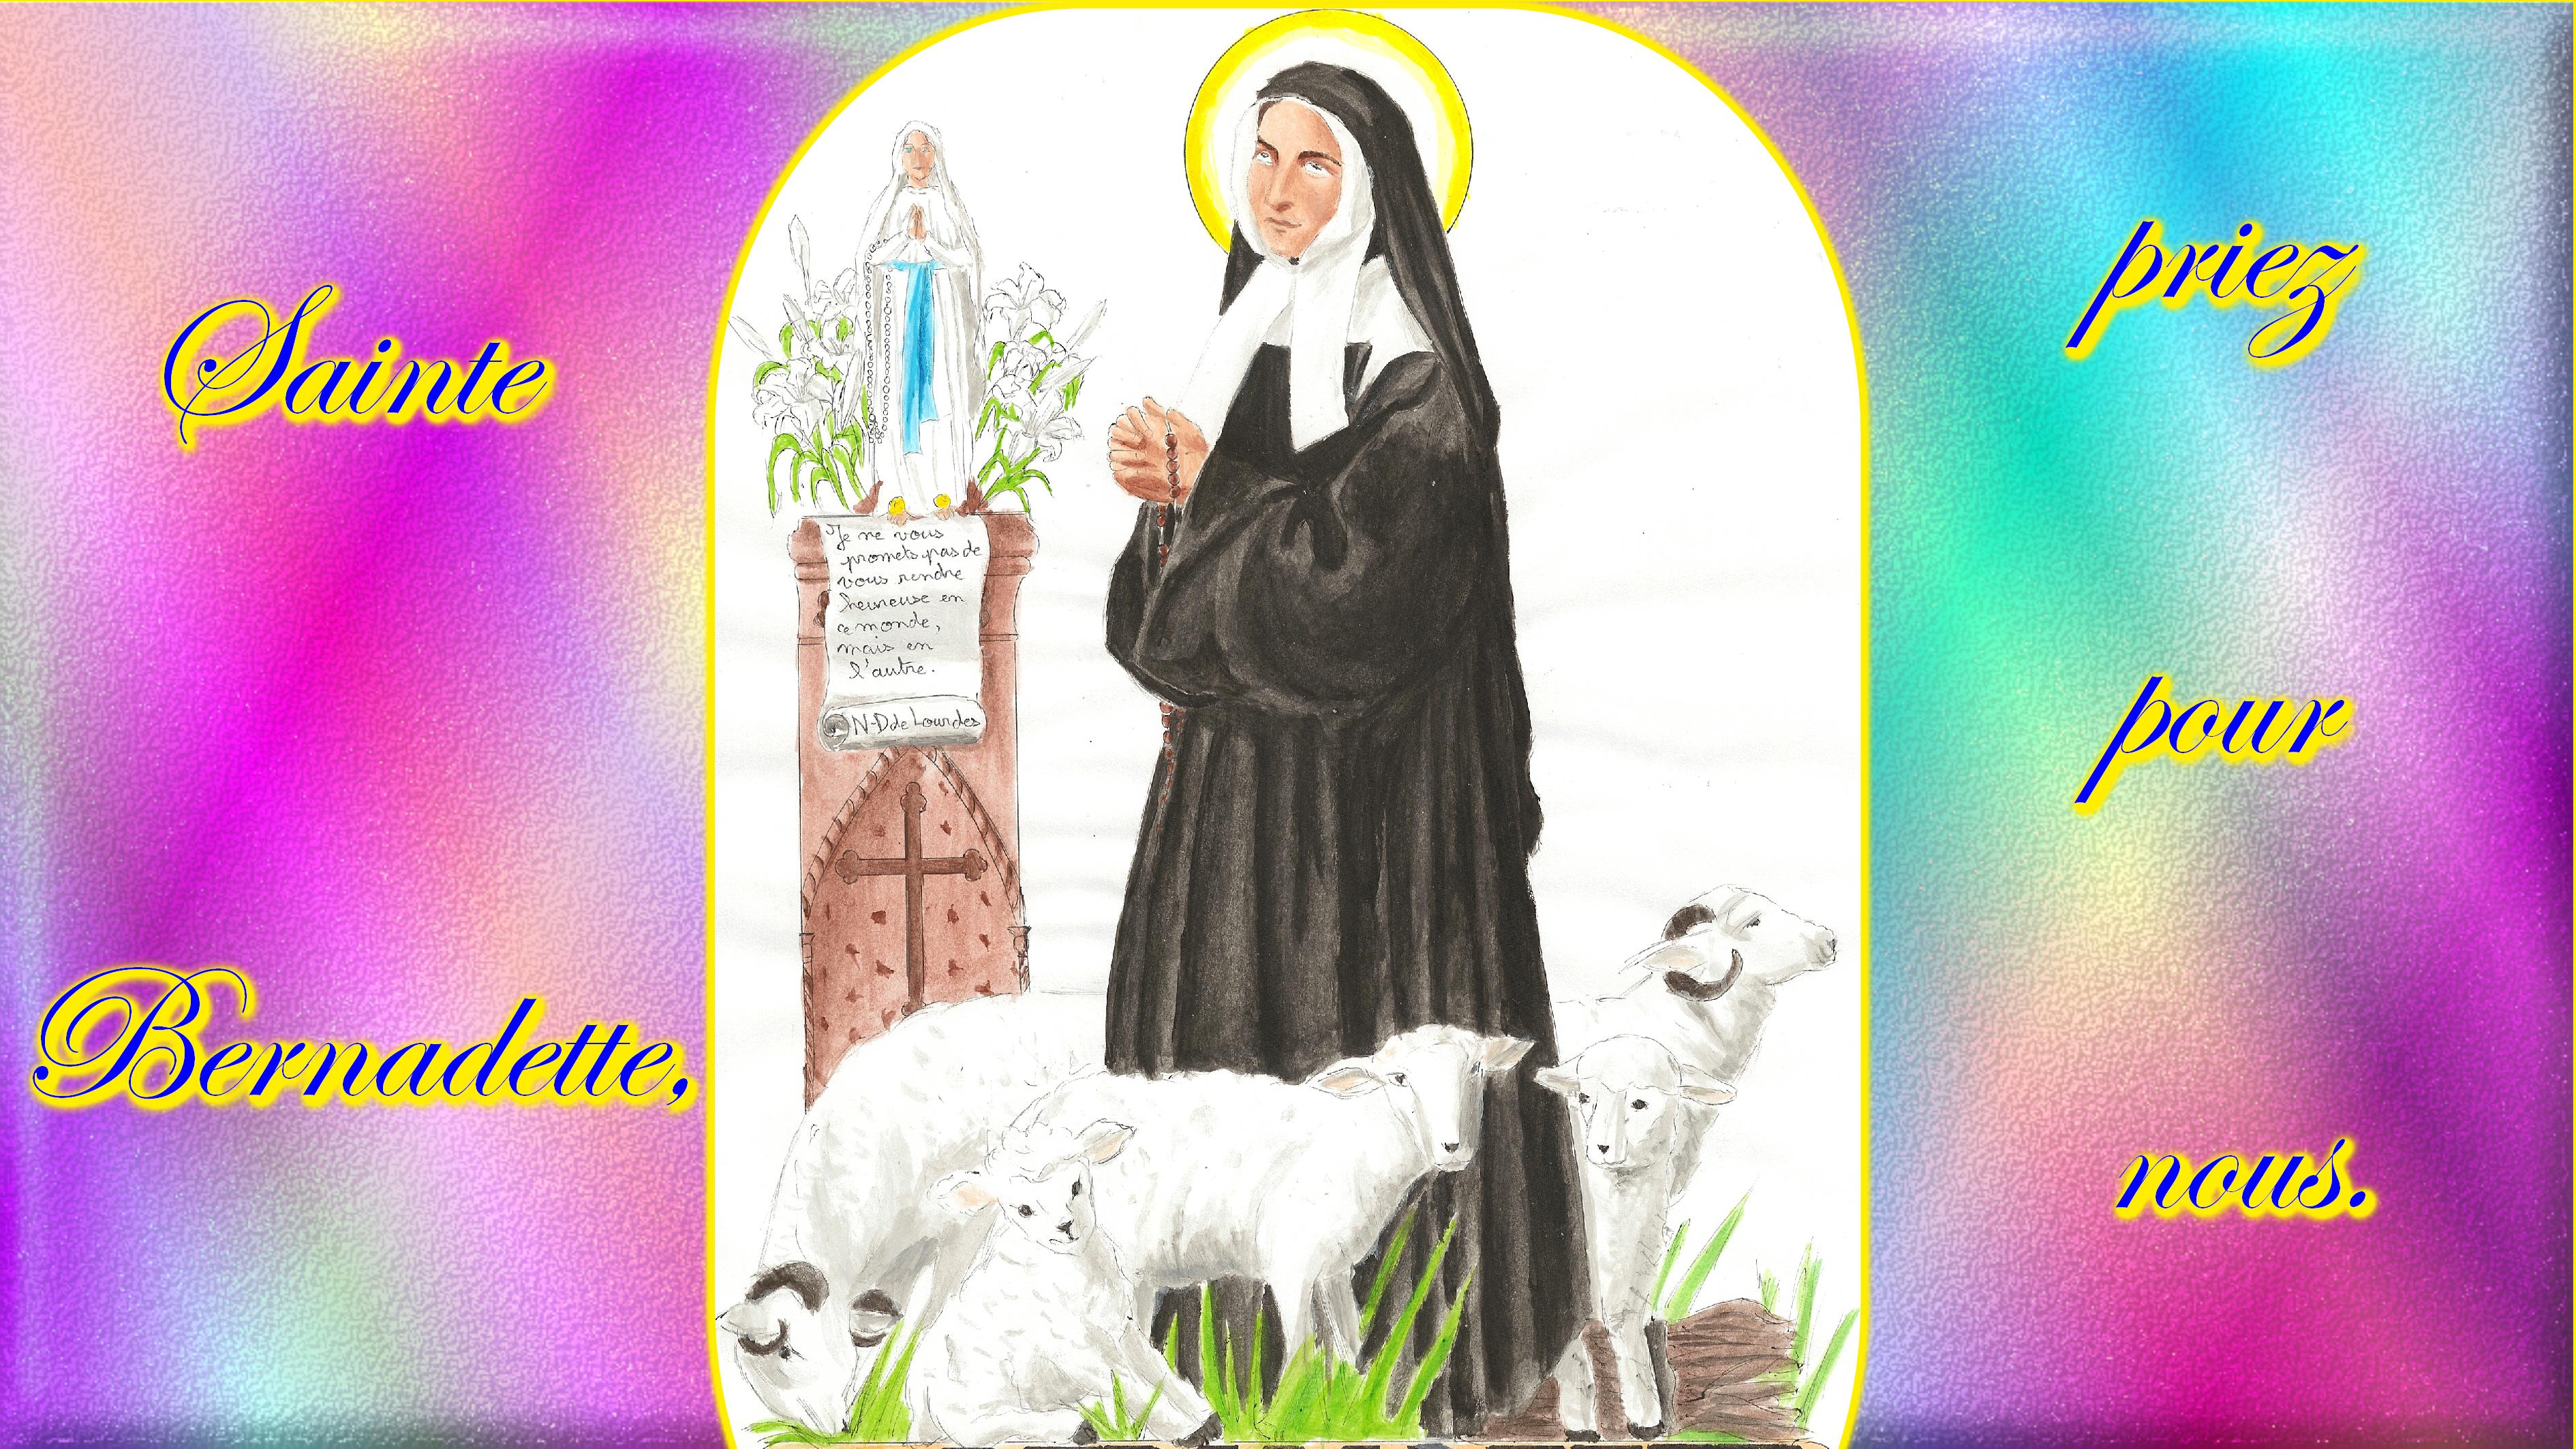 CALENDRIER CATHOLIQUE 2020 (Cantiques, Prières & Images) - Page 5 Ste-bernadette-570fa6f